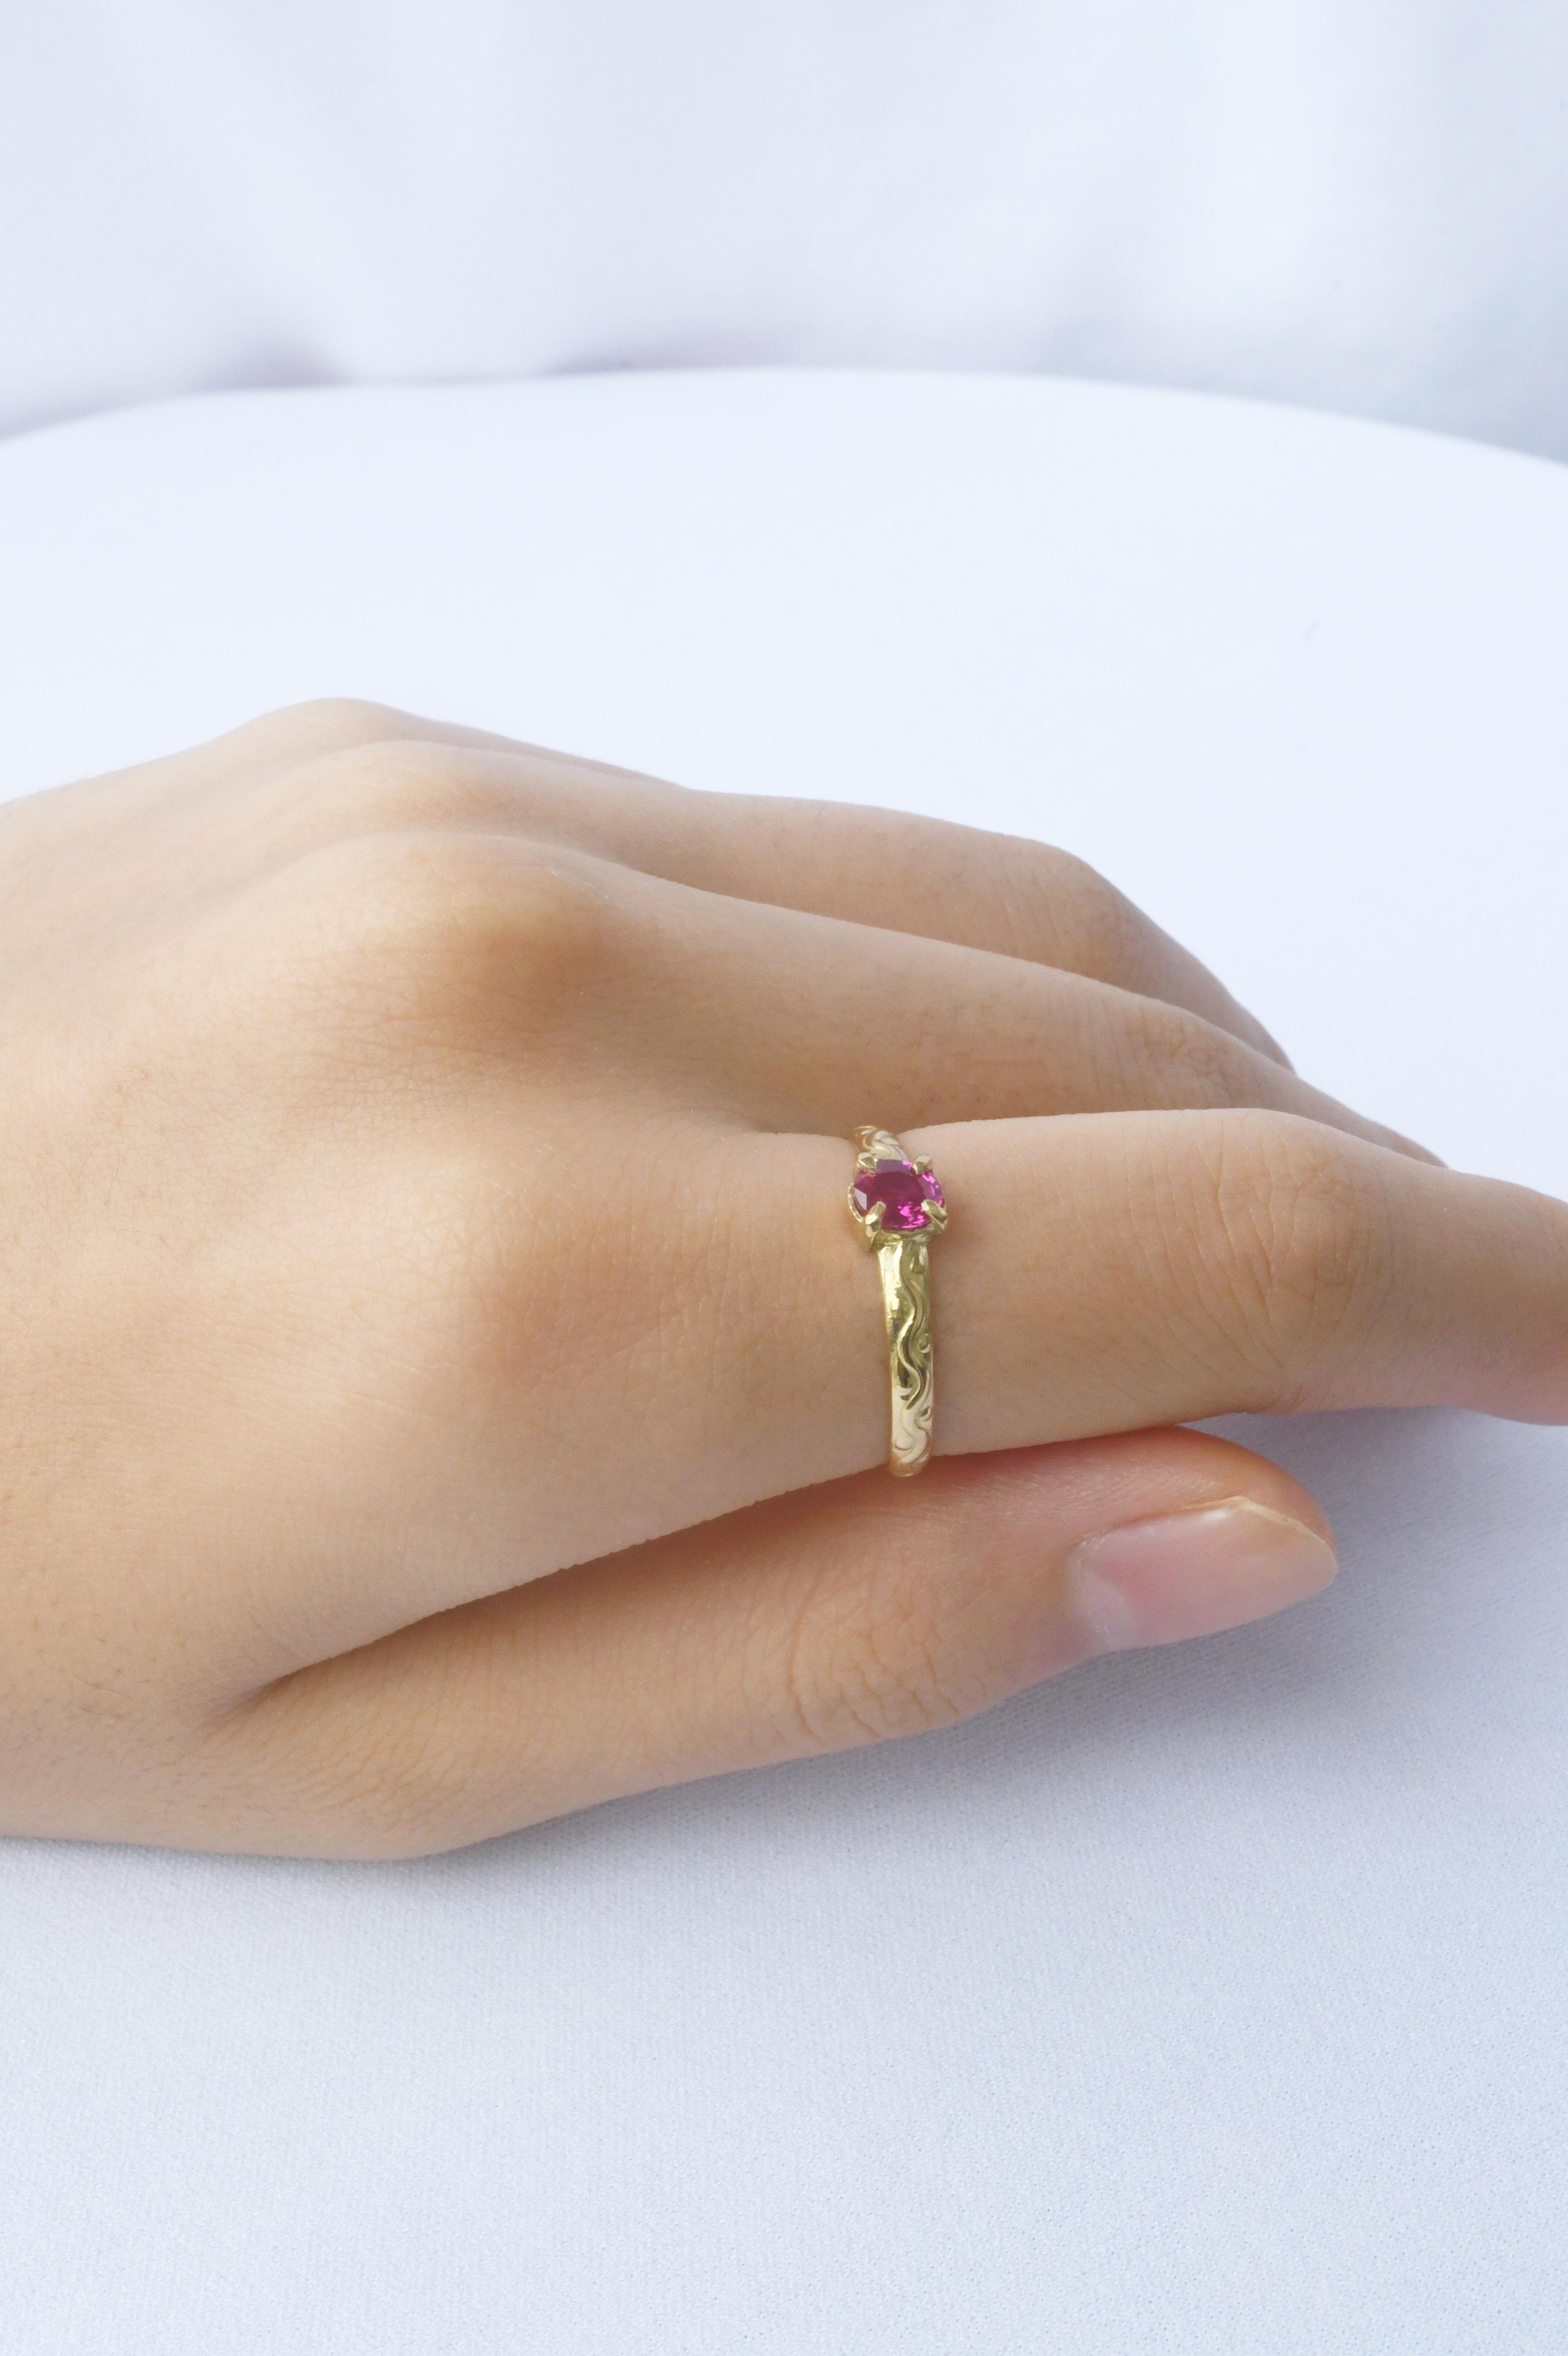 K18 Ruby Design Ring 18金ルビーデザインリング(縦)